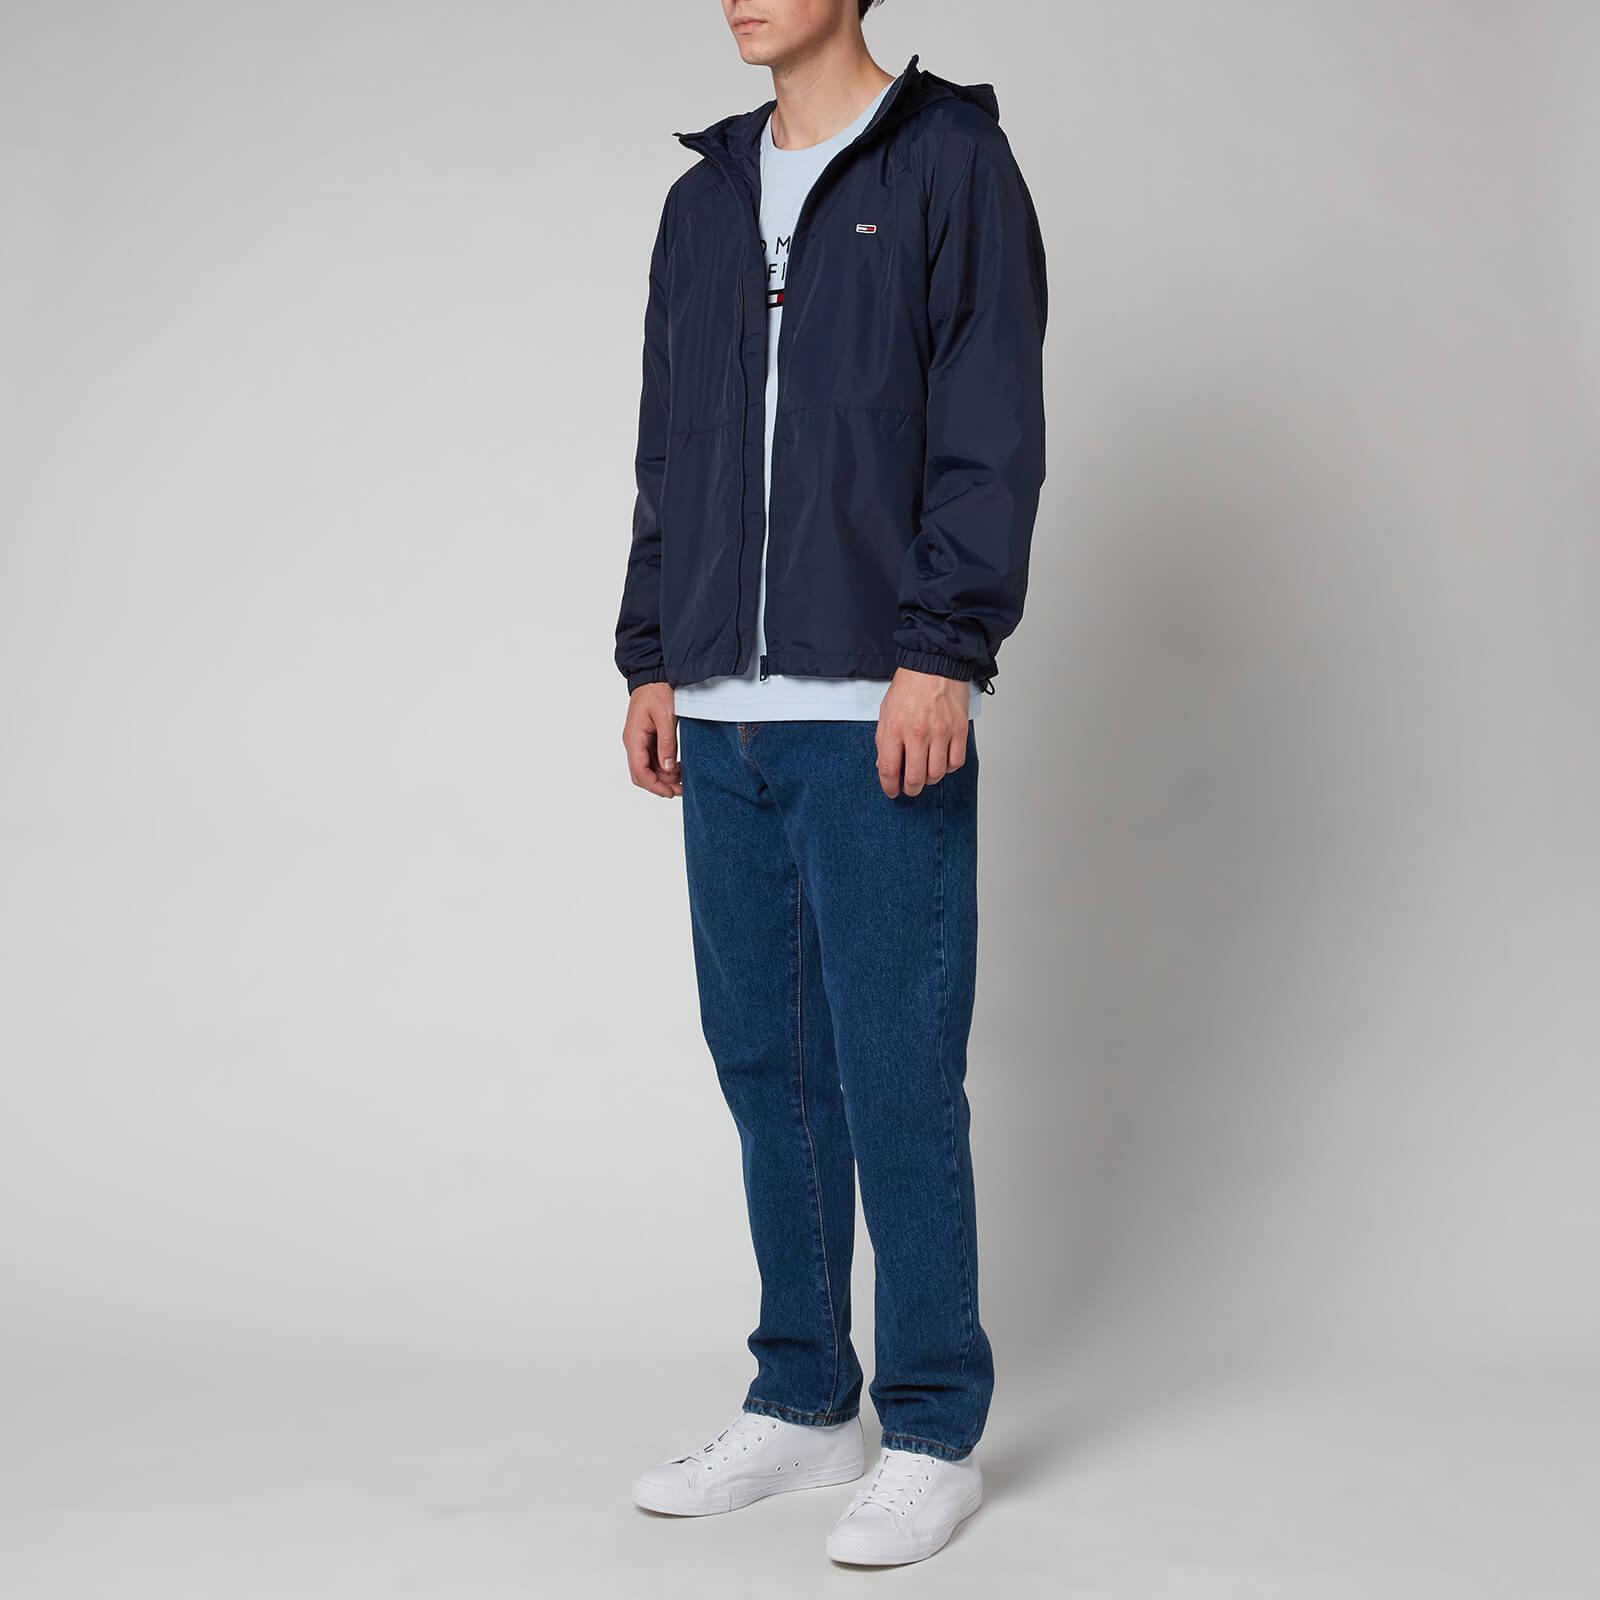 Tommy Jeans Men's Packable Windbreaker - Twilight Navy - S